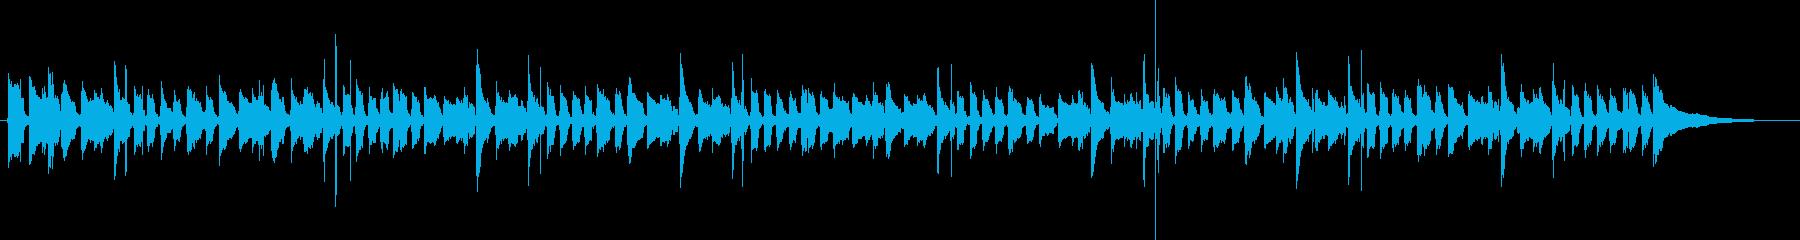 軽快なコードワークのアコギ 散歩 公園の再生済みの波形